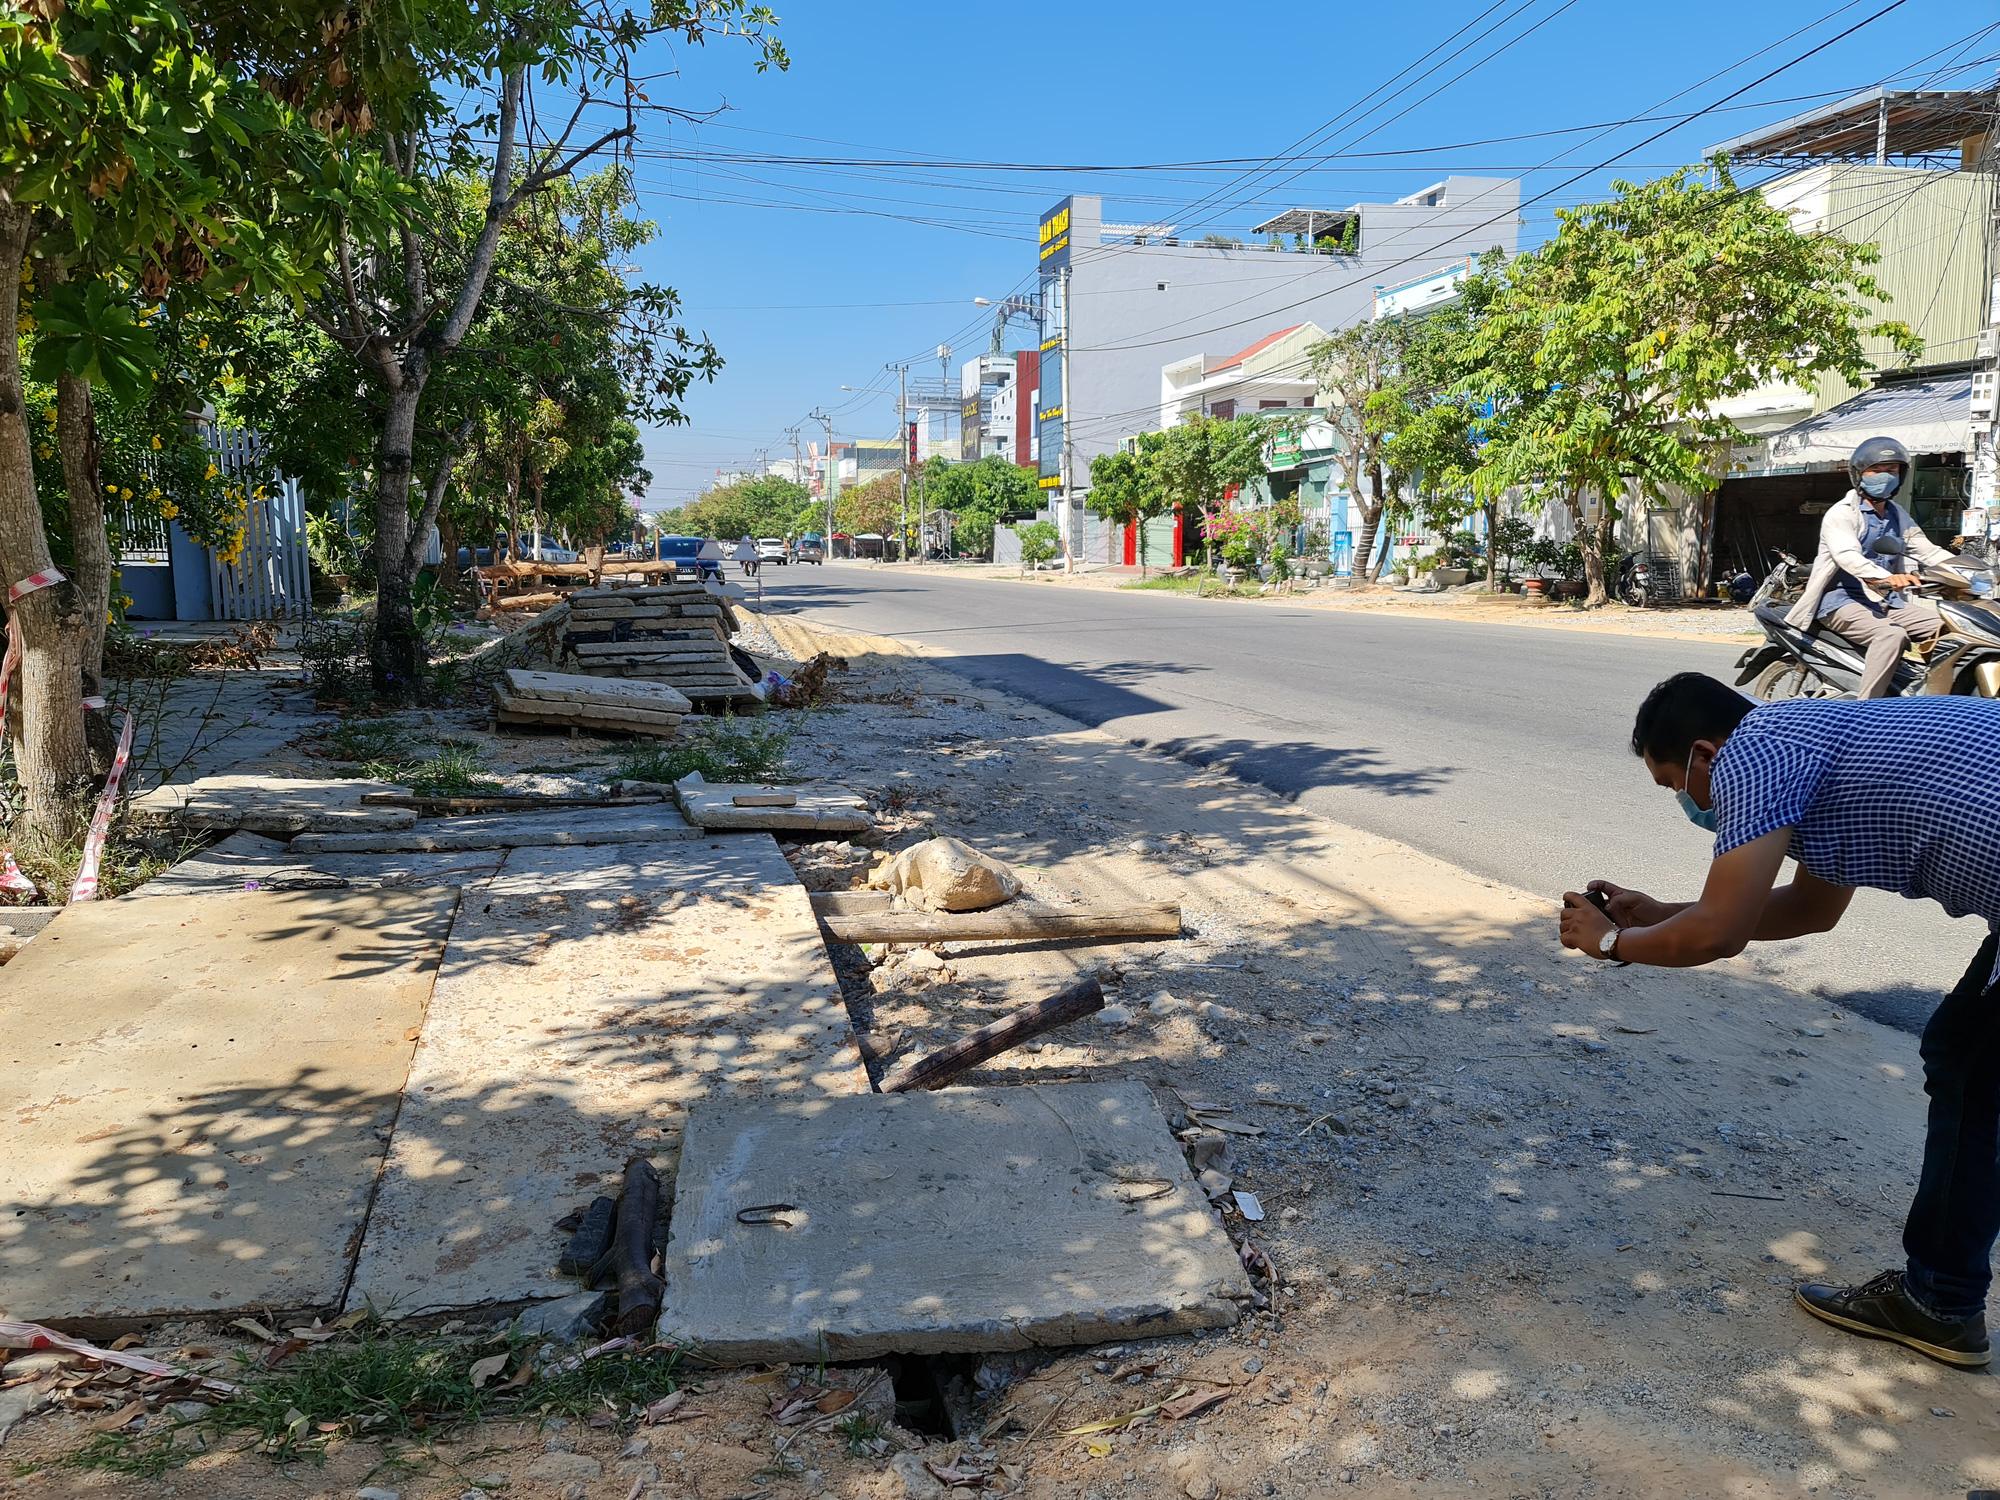 """Quảng Nam: Doanh nghiệp """"bỏ chạy"""", đường gần 27 tỷ hành dân - Ảnh 1."""